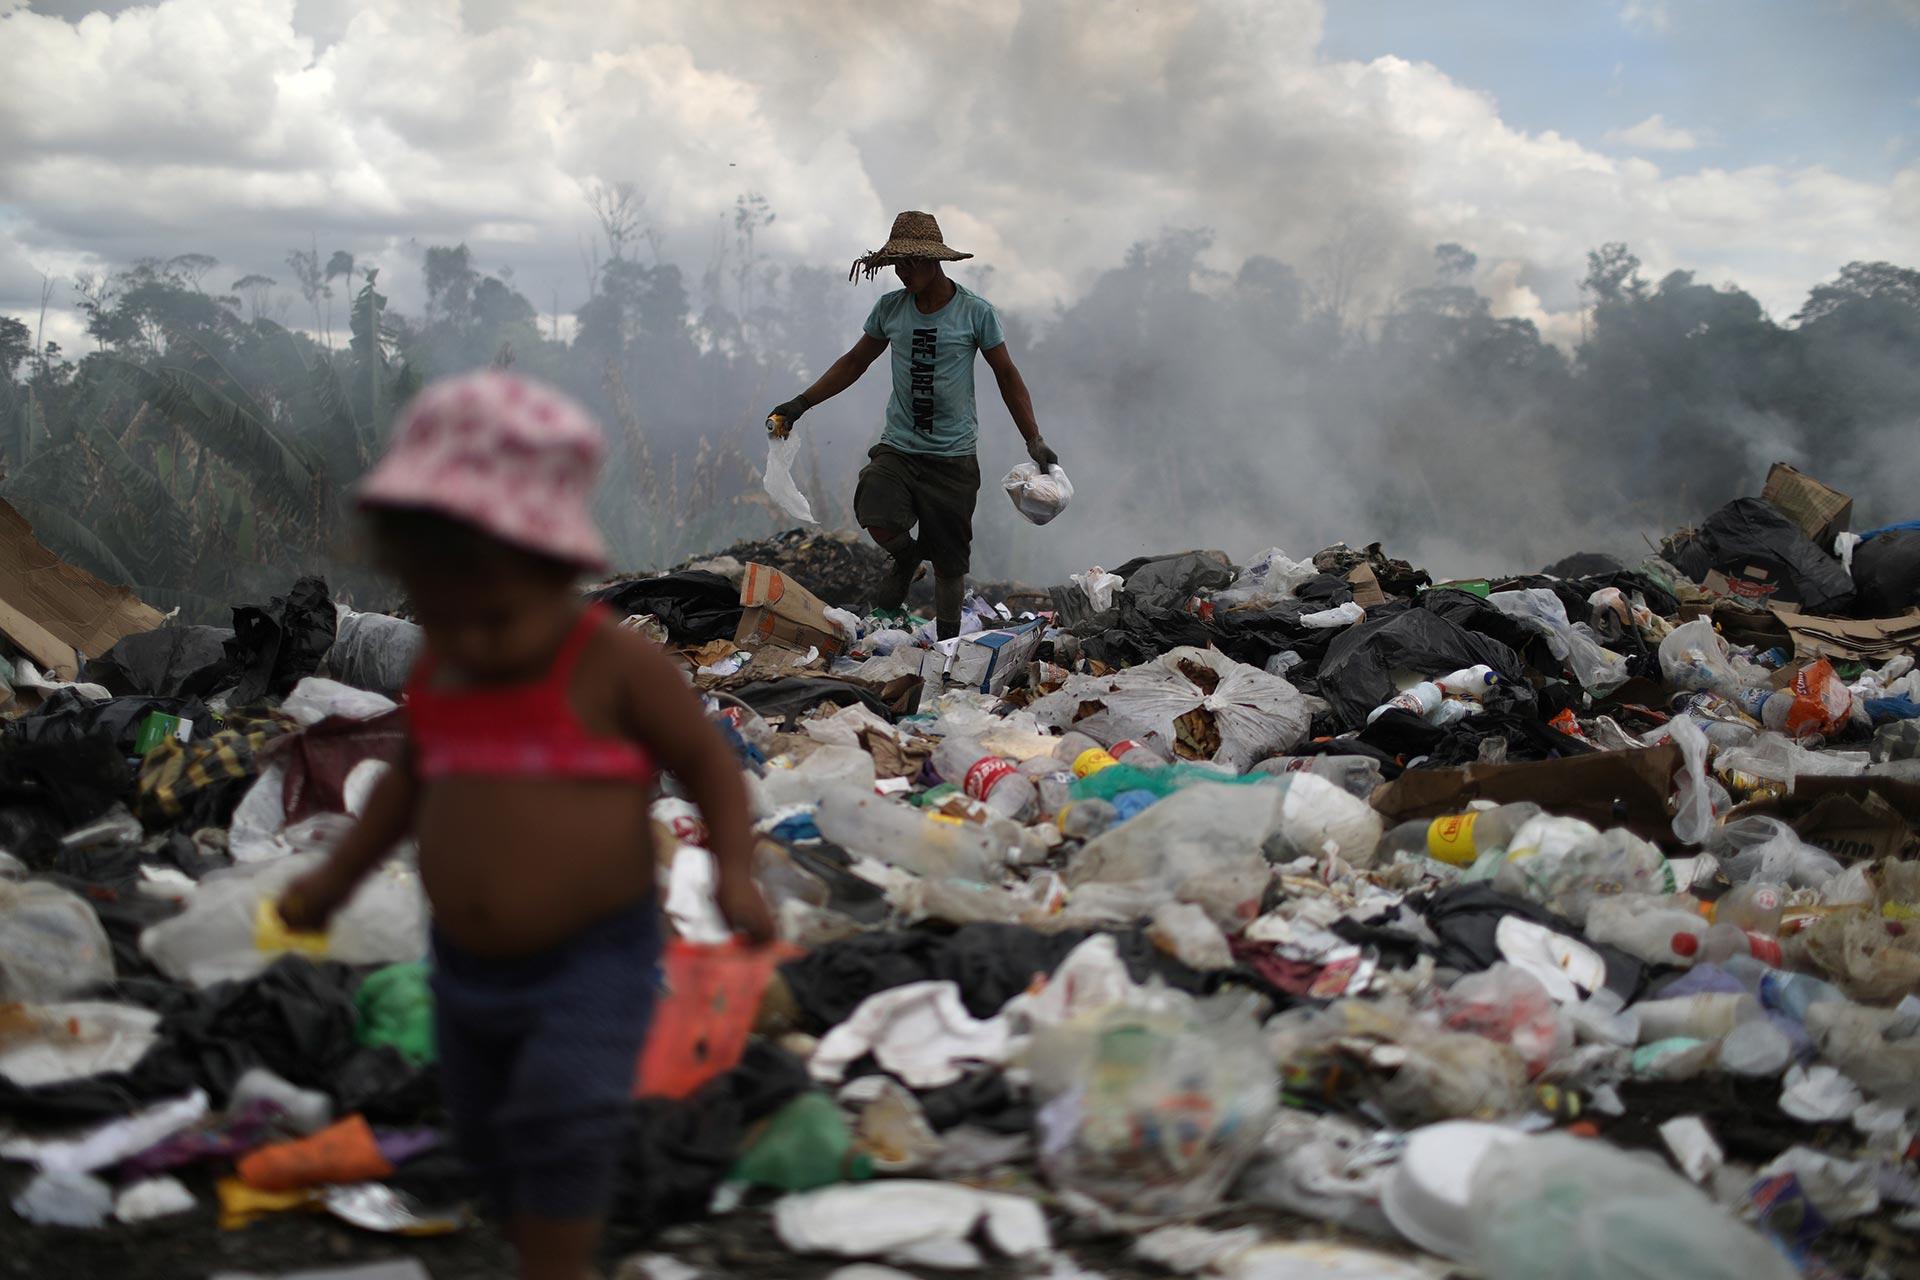 Decenas de miles de venezolanos han huido de la crisis política y económica de su país a través de Pacaraima (REUTERS/Pilar Olivares)